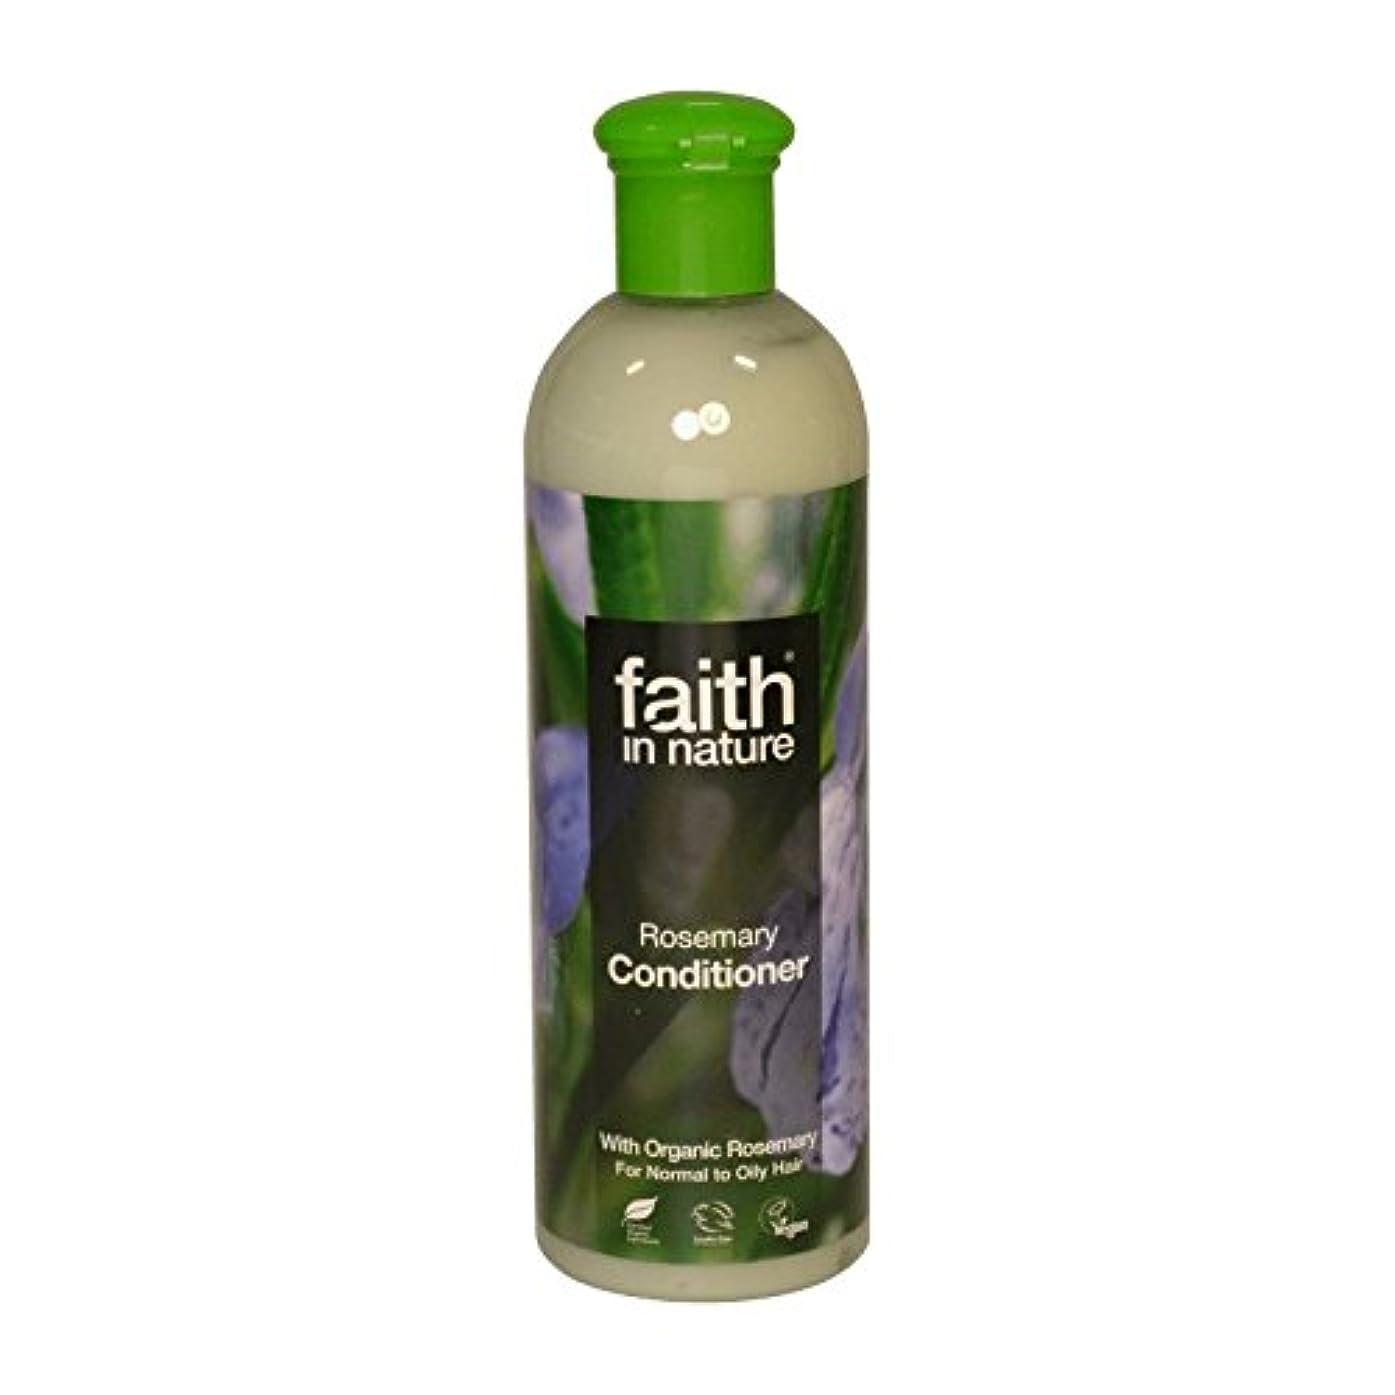 に対処するプロフィール他の場所Faith in Nature Rosemary Conditioner 400ml (Pack of 2) - 自然ローズマリーコンディショナー400ミリリットルの信仰 (x2) [並行輸入品]